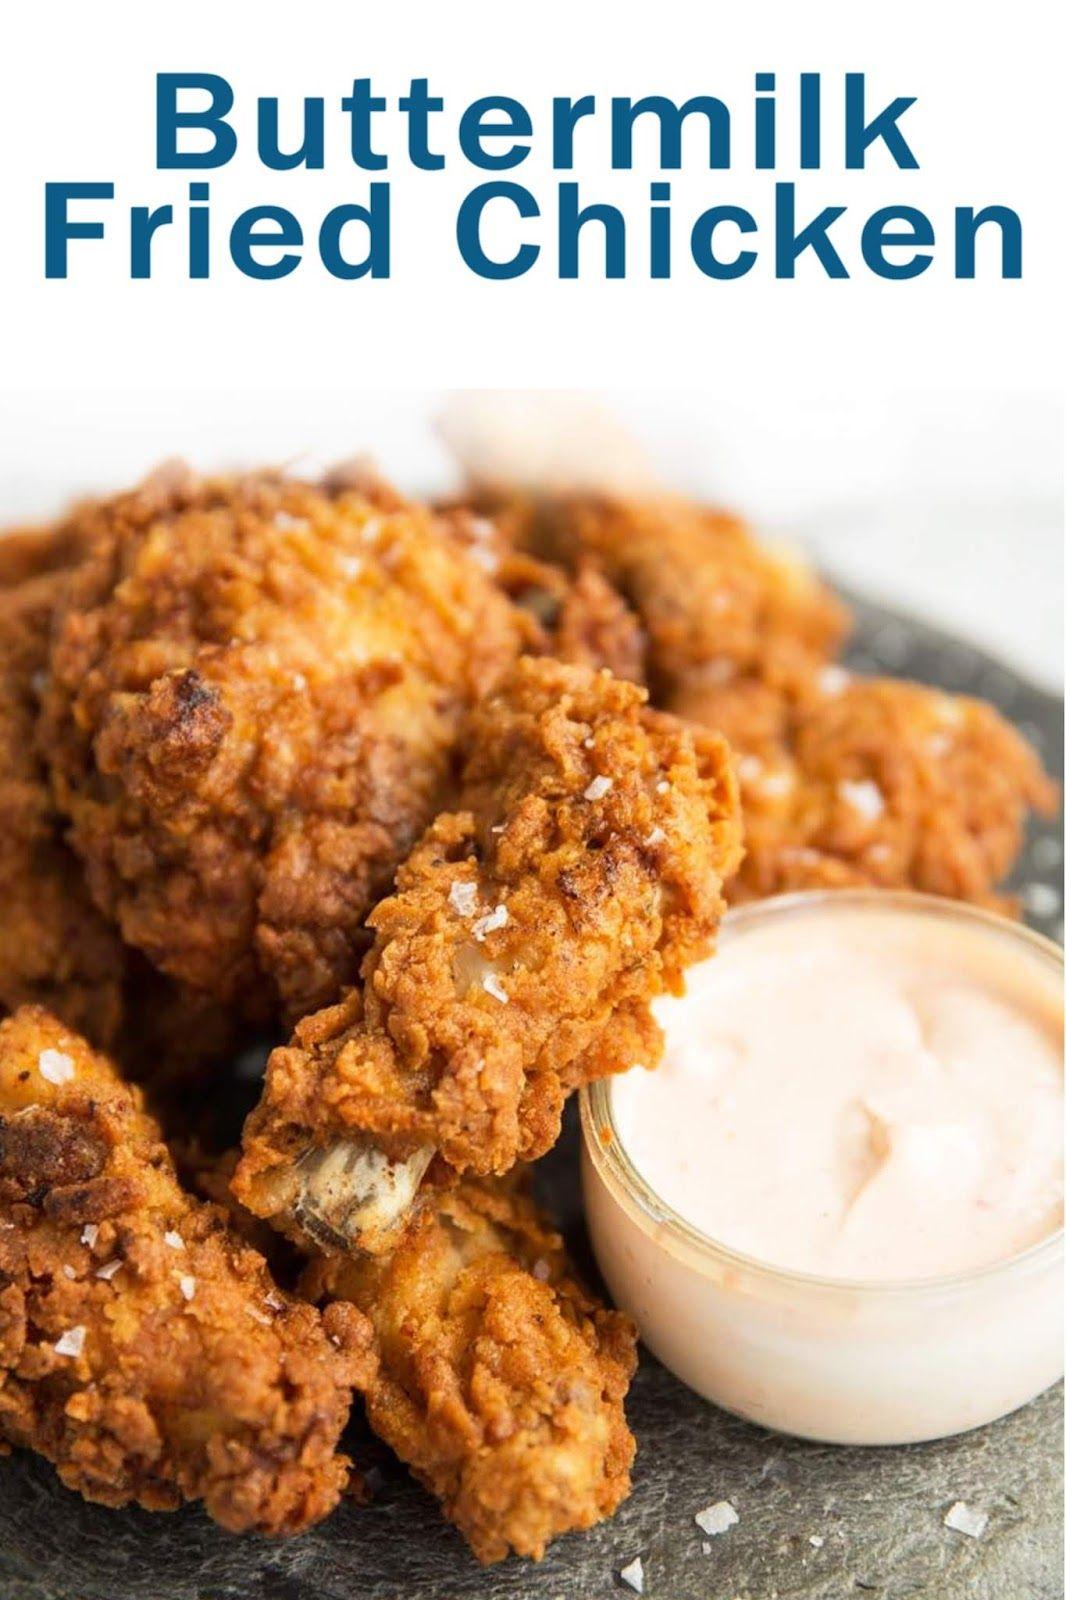 Buttermilk Fried Chicken In 2020 Fried Chicken Recipes Yummy Chicken Recipes Buttermilk Fried Chicken